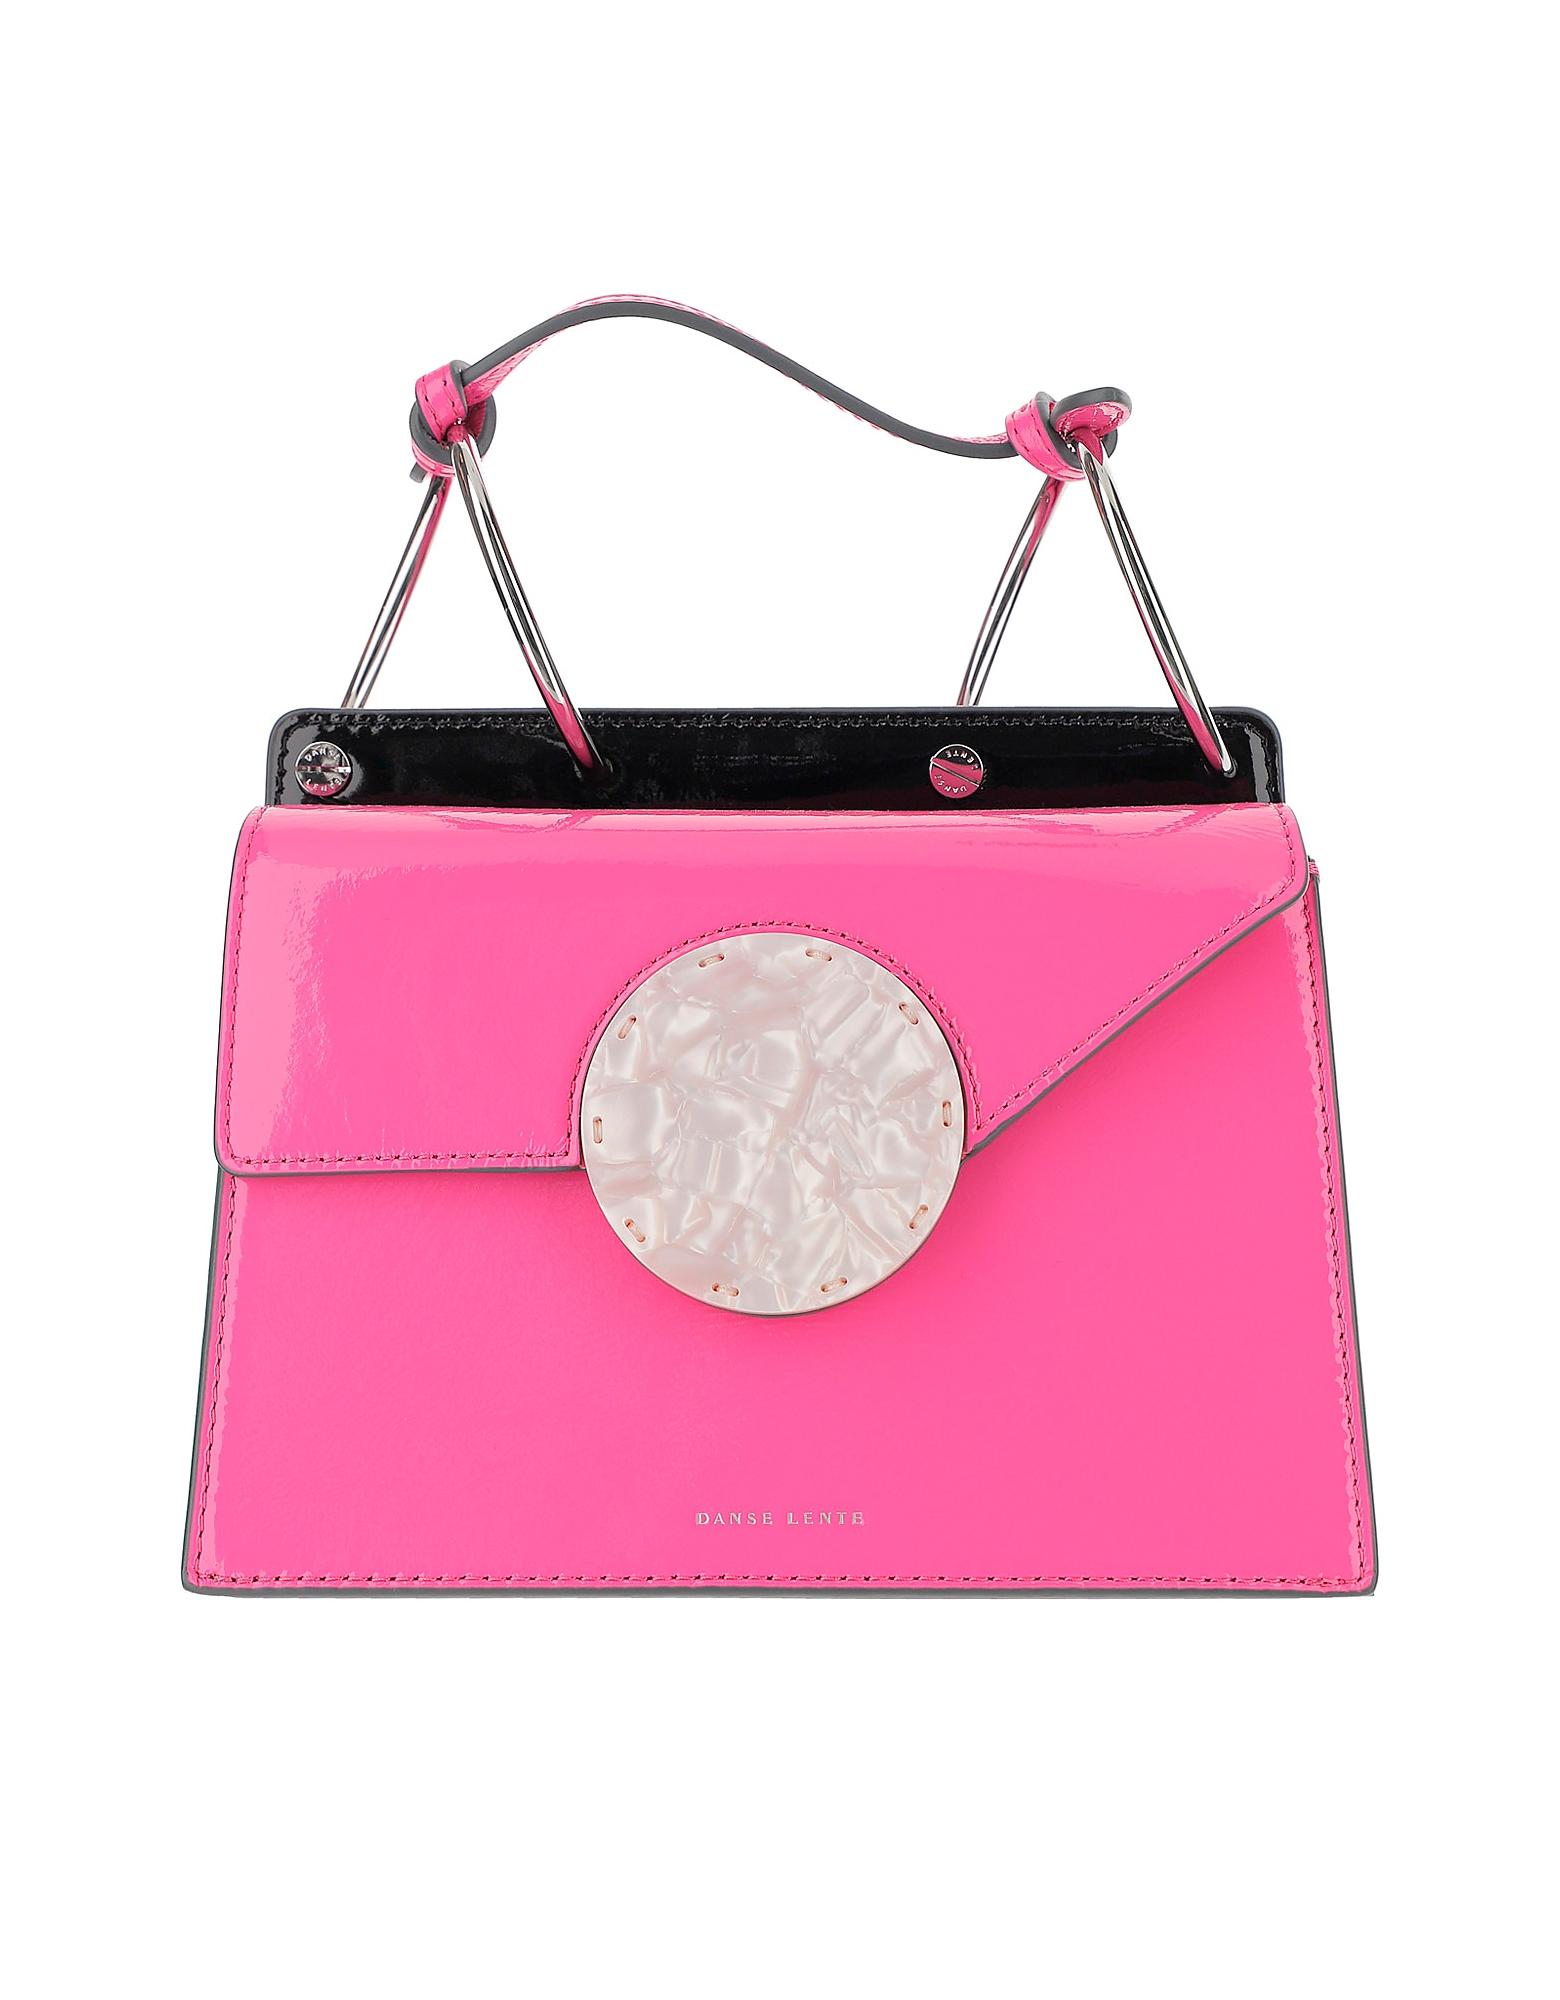 Danse Lente Designer Handbags, bag